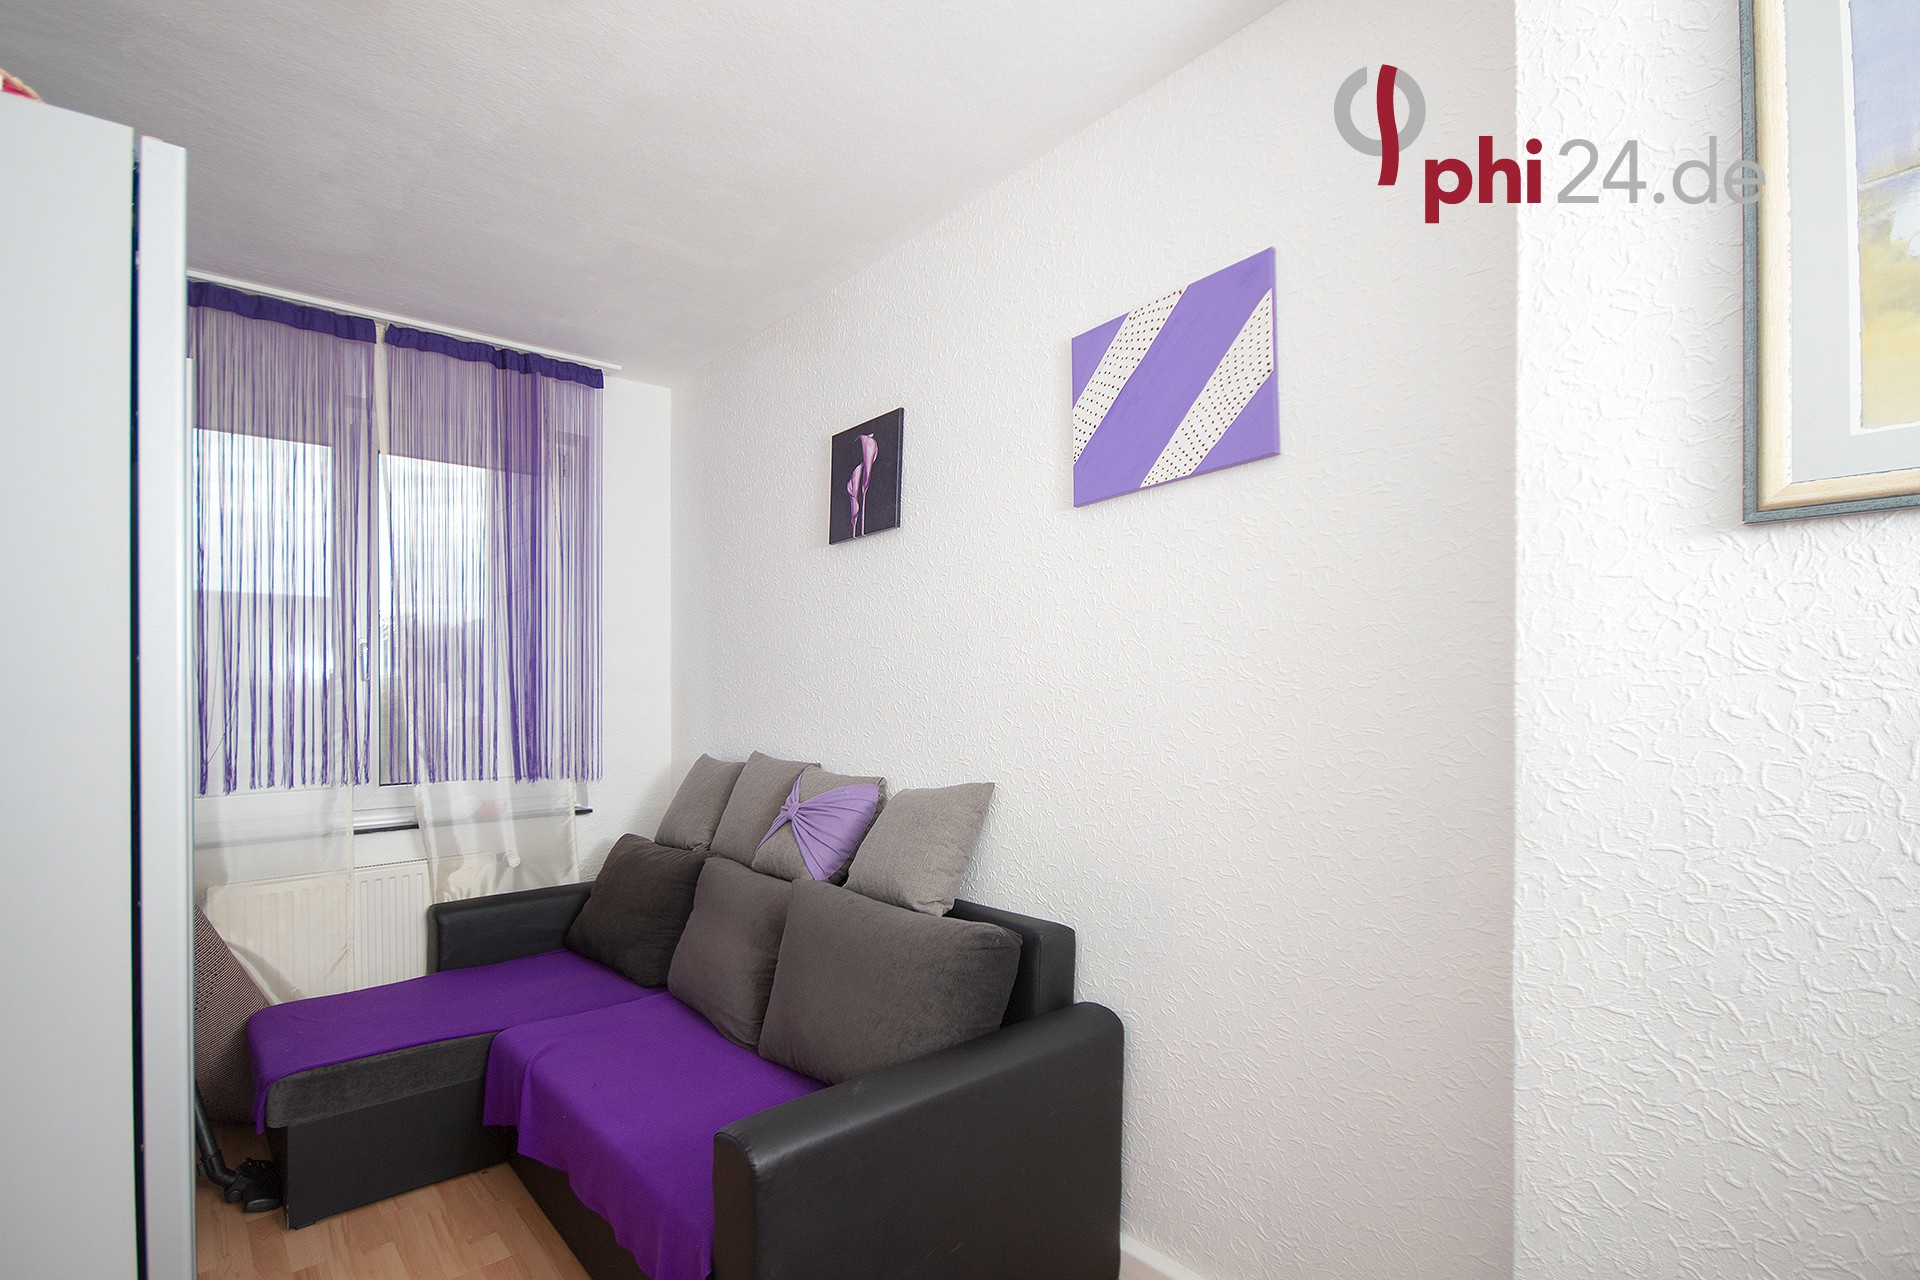 Immobilienmakler Aachen Wohn- und Geschäftshaus referenzen mit Immobilienbewertung